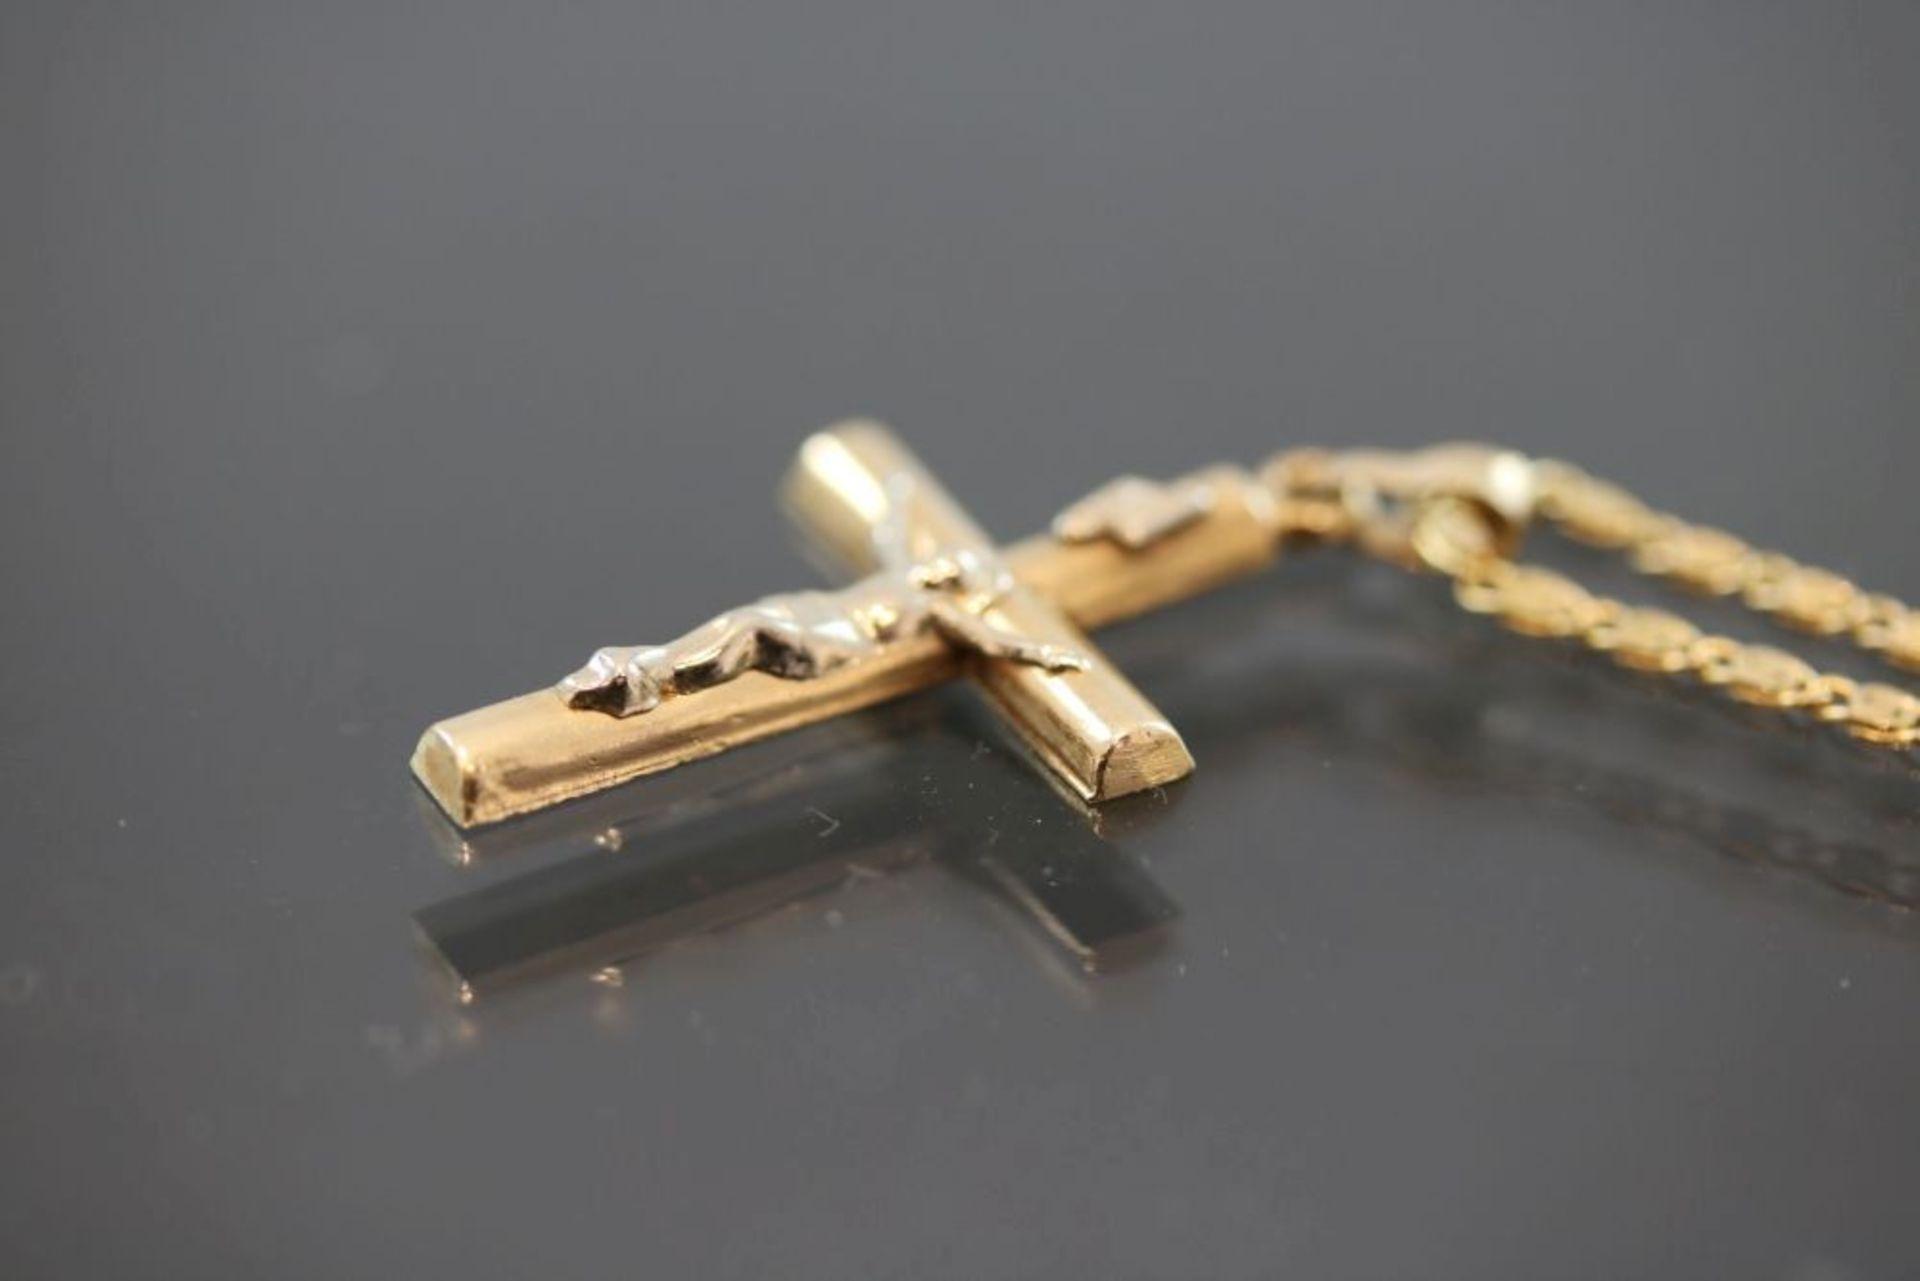 Kreuzanhänger mit Kette, 585 Gold - Bild 3 aus 3